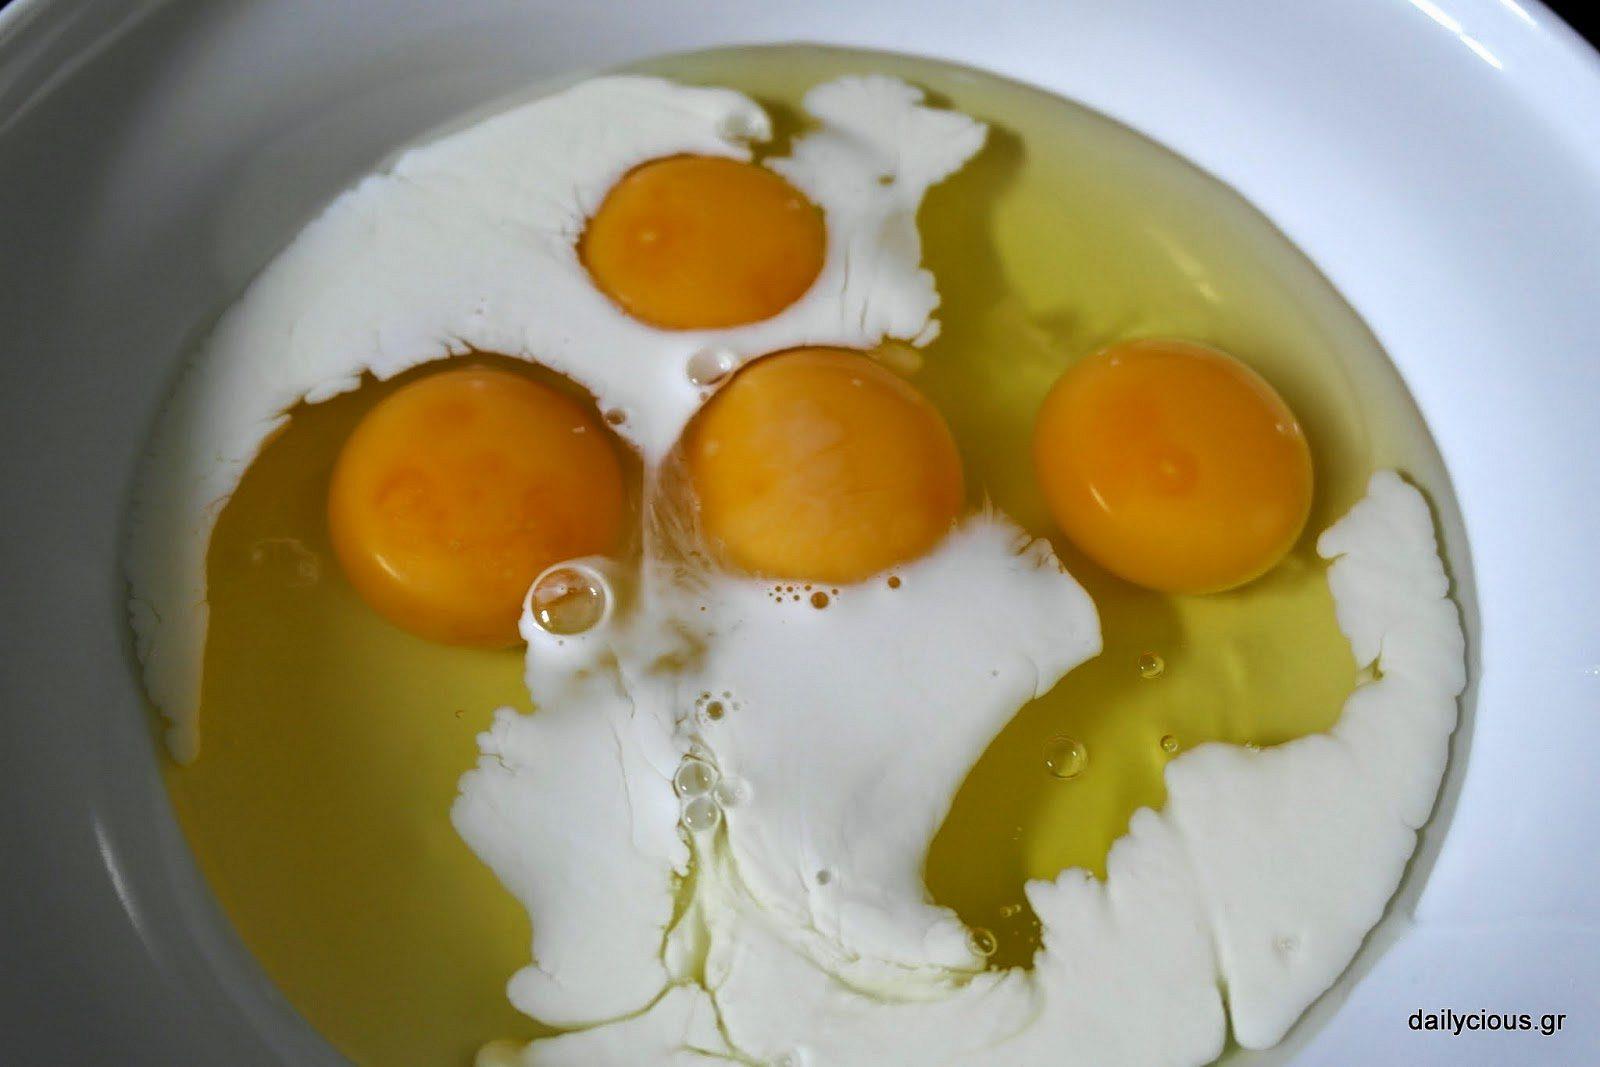 Τα αυγά στο μπολ.